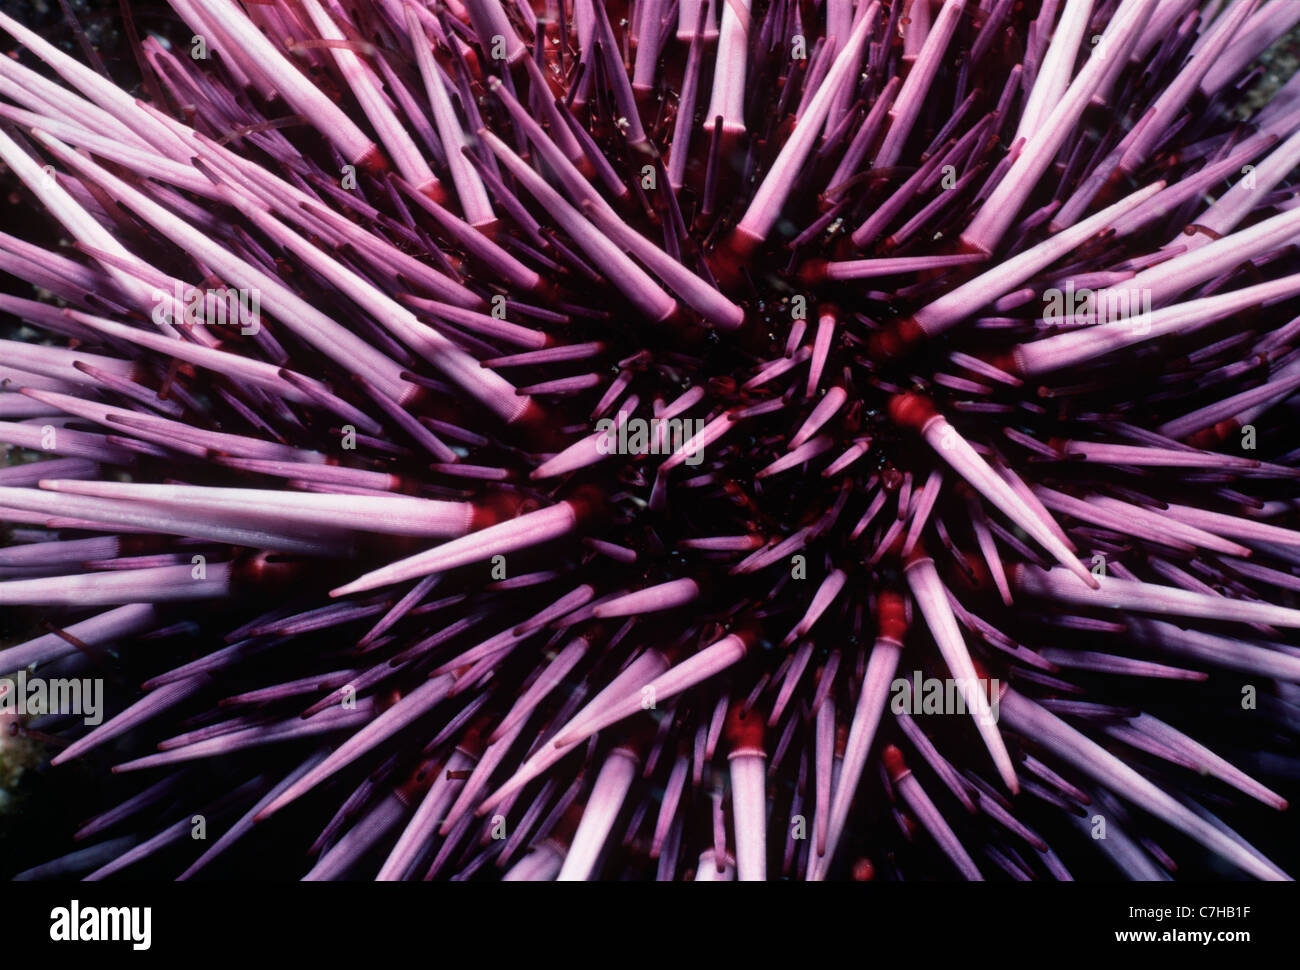 Viola ricci di mare (Strongylocentratus purpuratus) alimentazione su kelp. Isole del Canale, California (USA) - Foto Stock